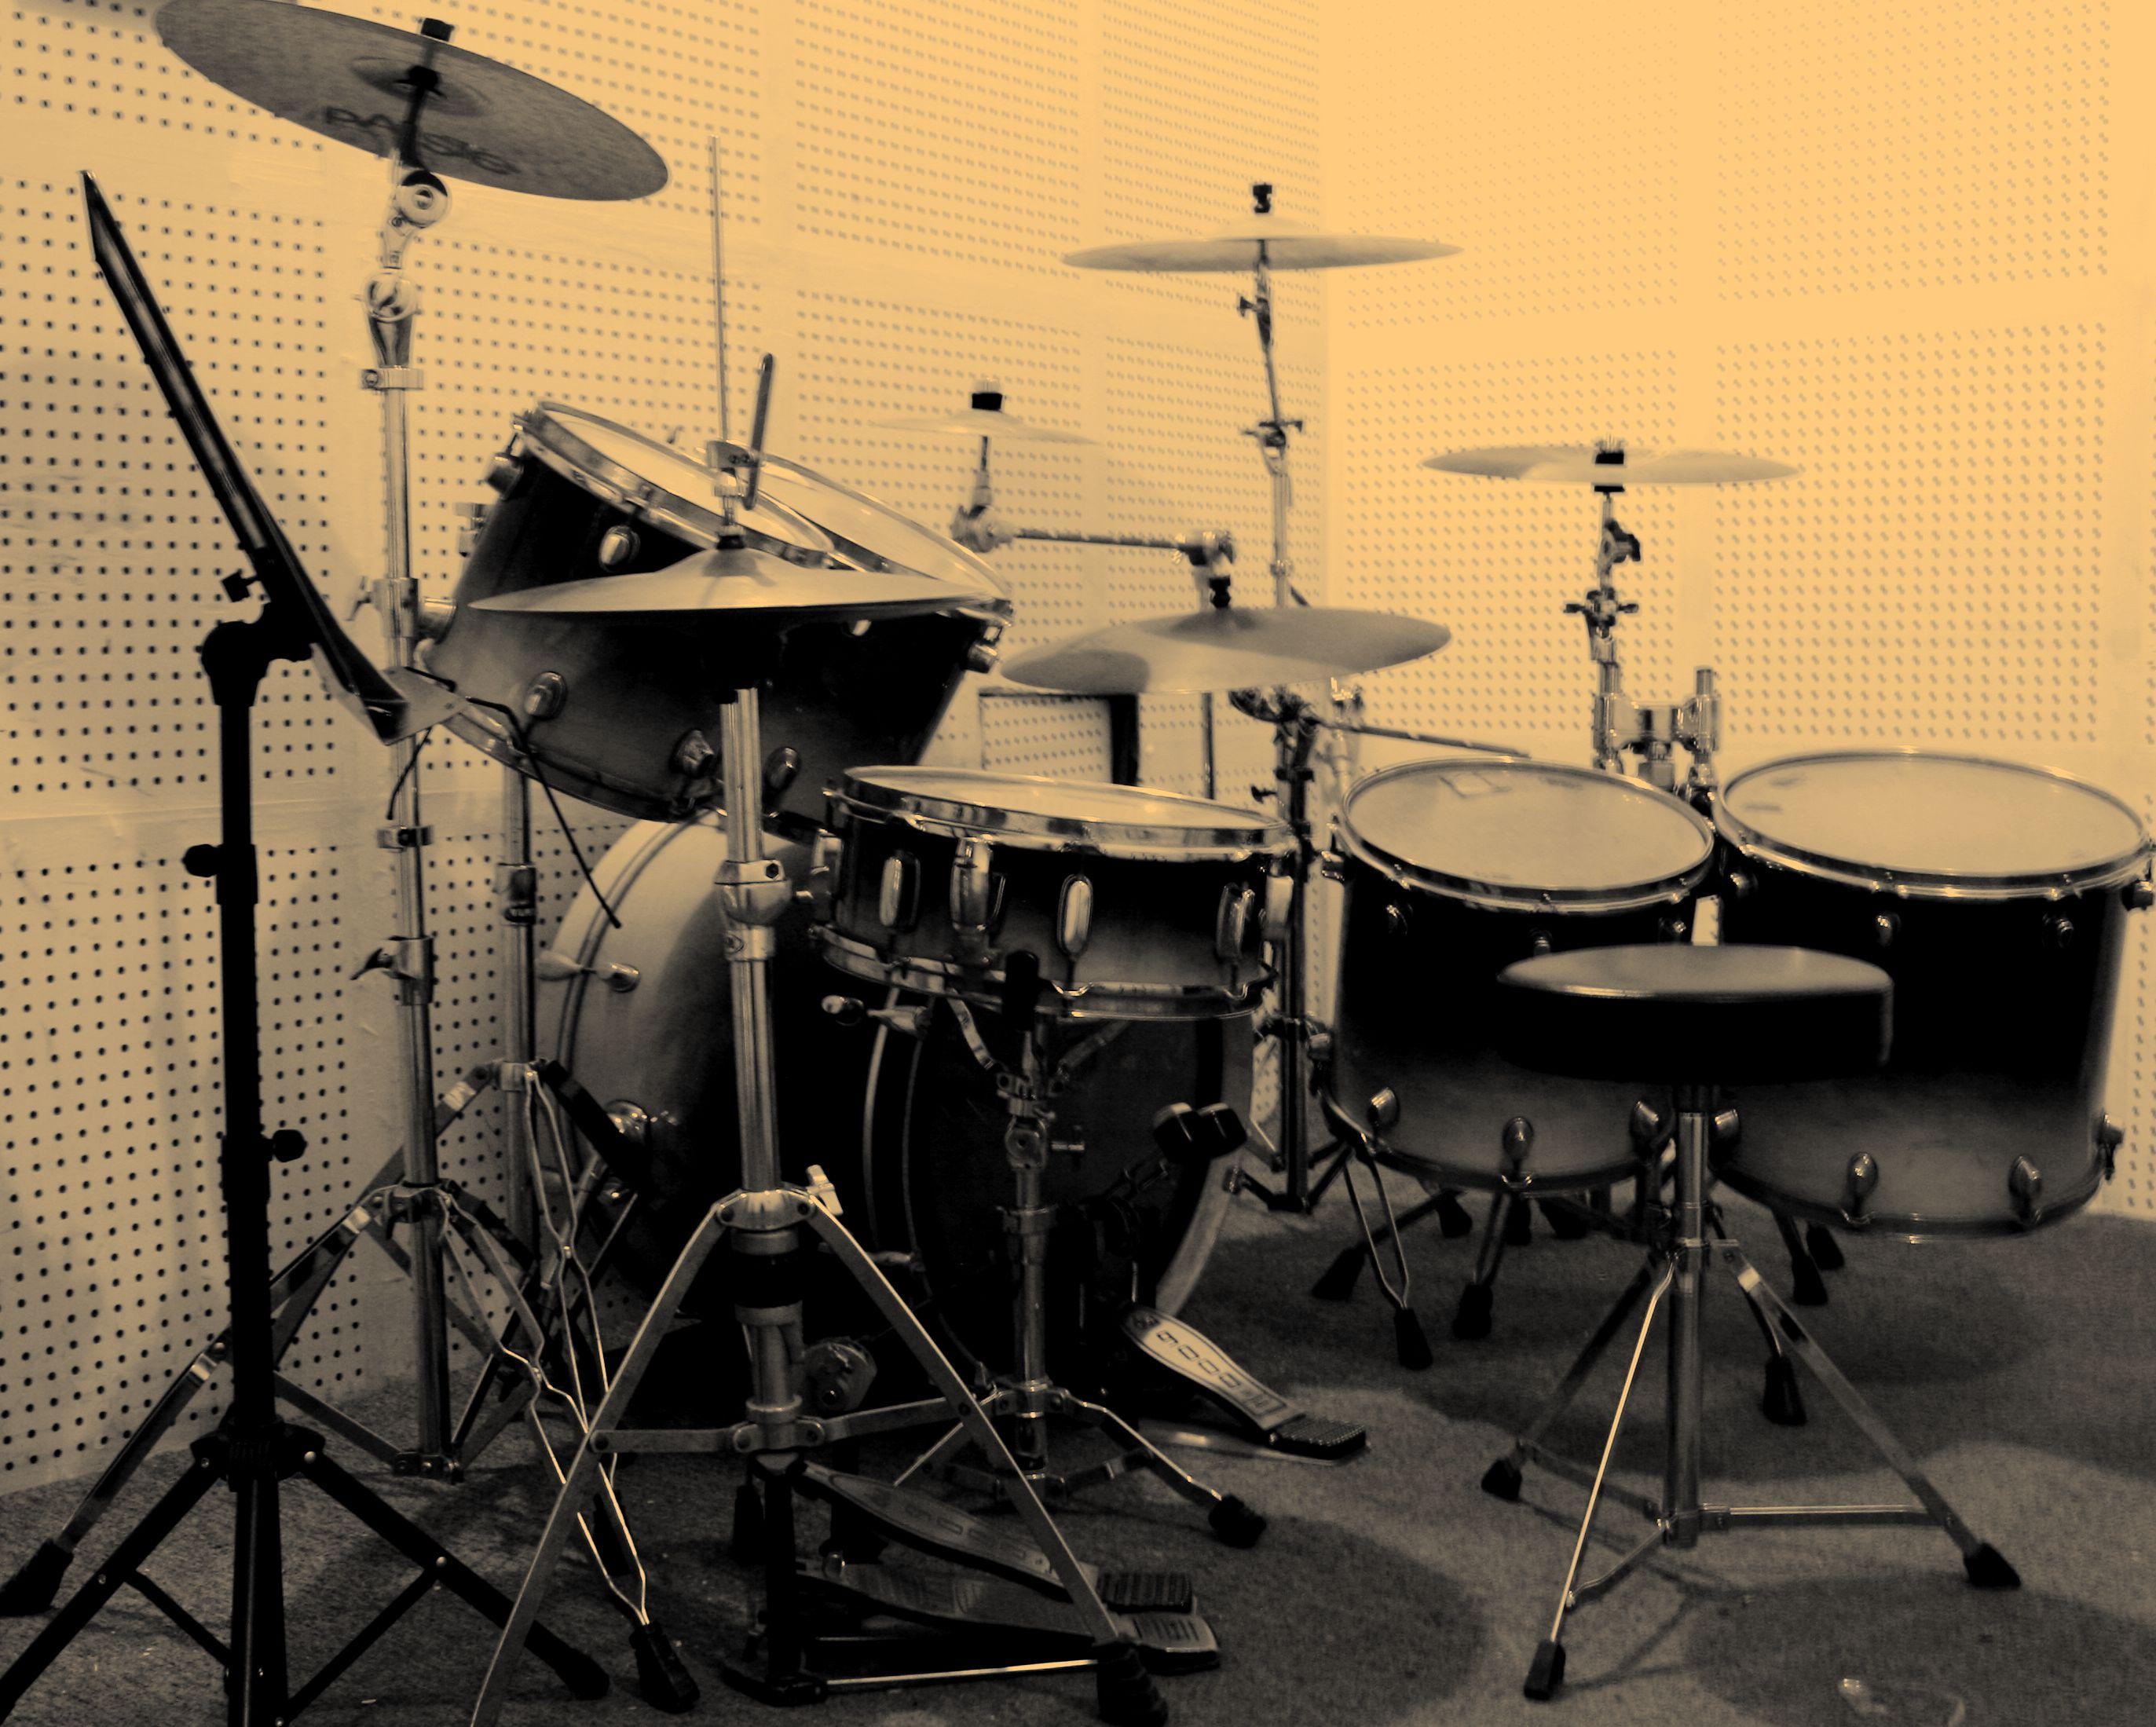 废旧物品手工制作乐器架子鼓